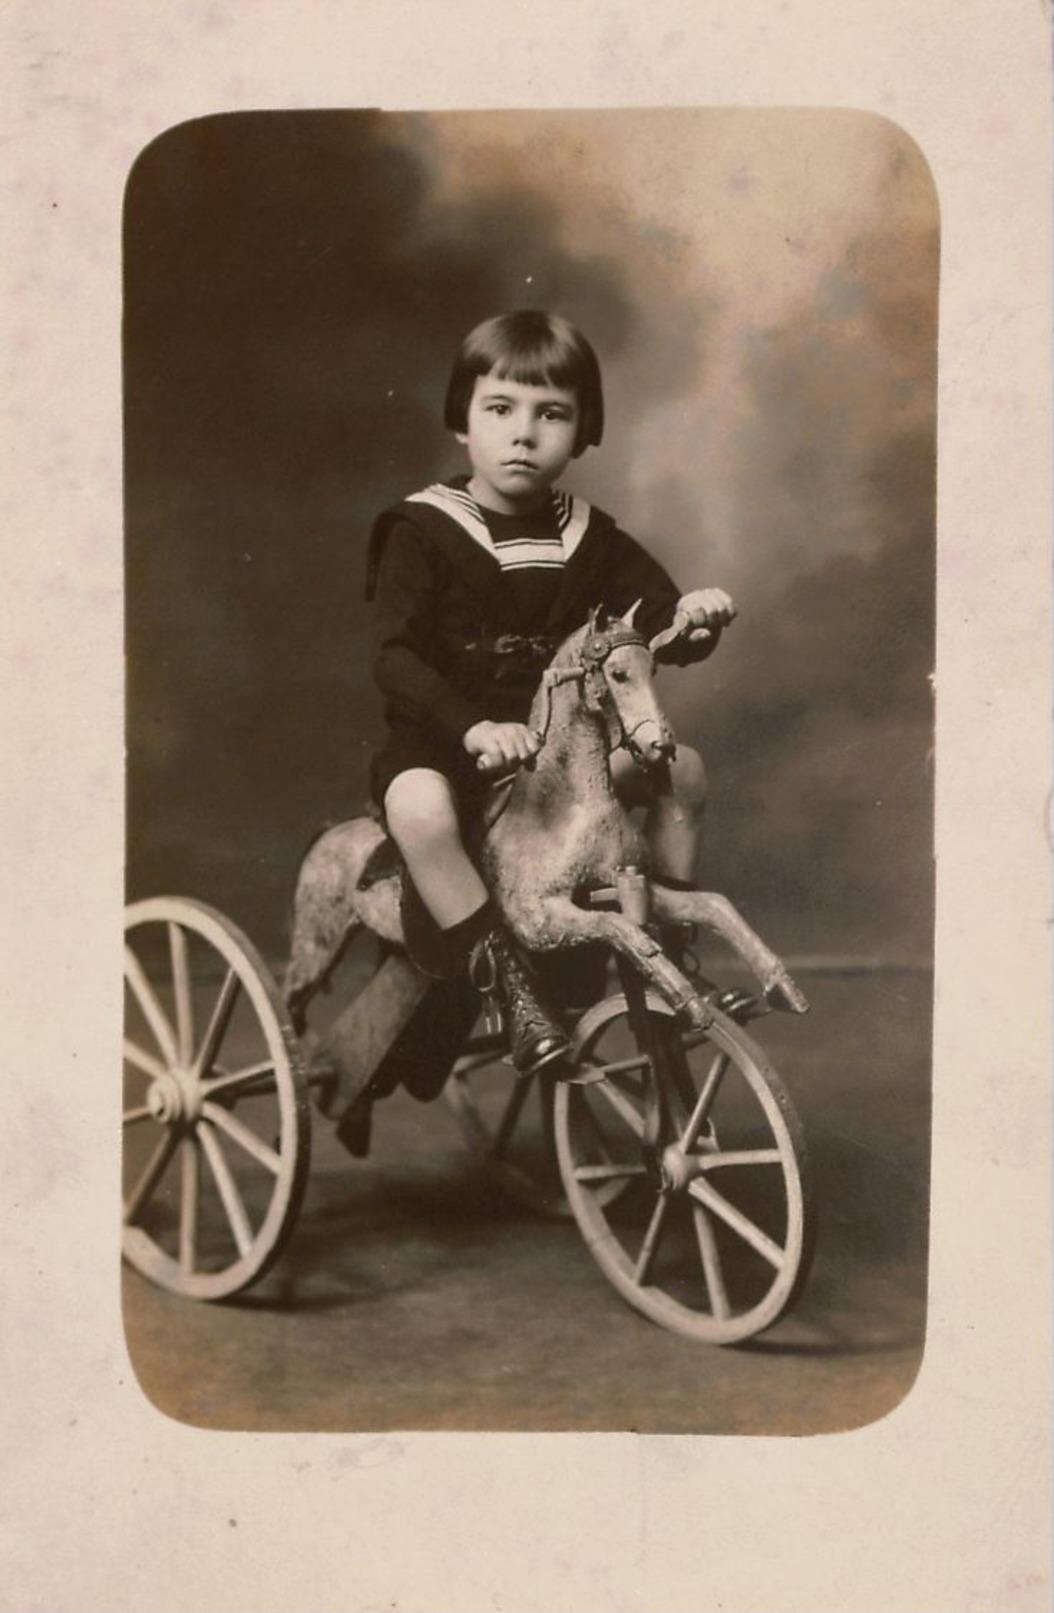 Superbe Photographie Ancienne , Carte-photo D'un Jeune Garçon(prénom René) En Costume Marin Sur Un Tricylcle-Cheval - Identifizierten Personen